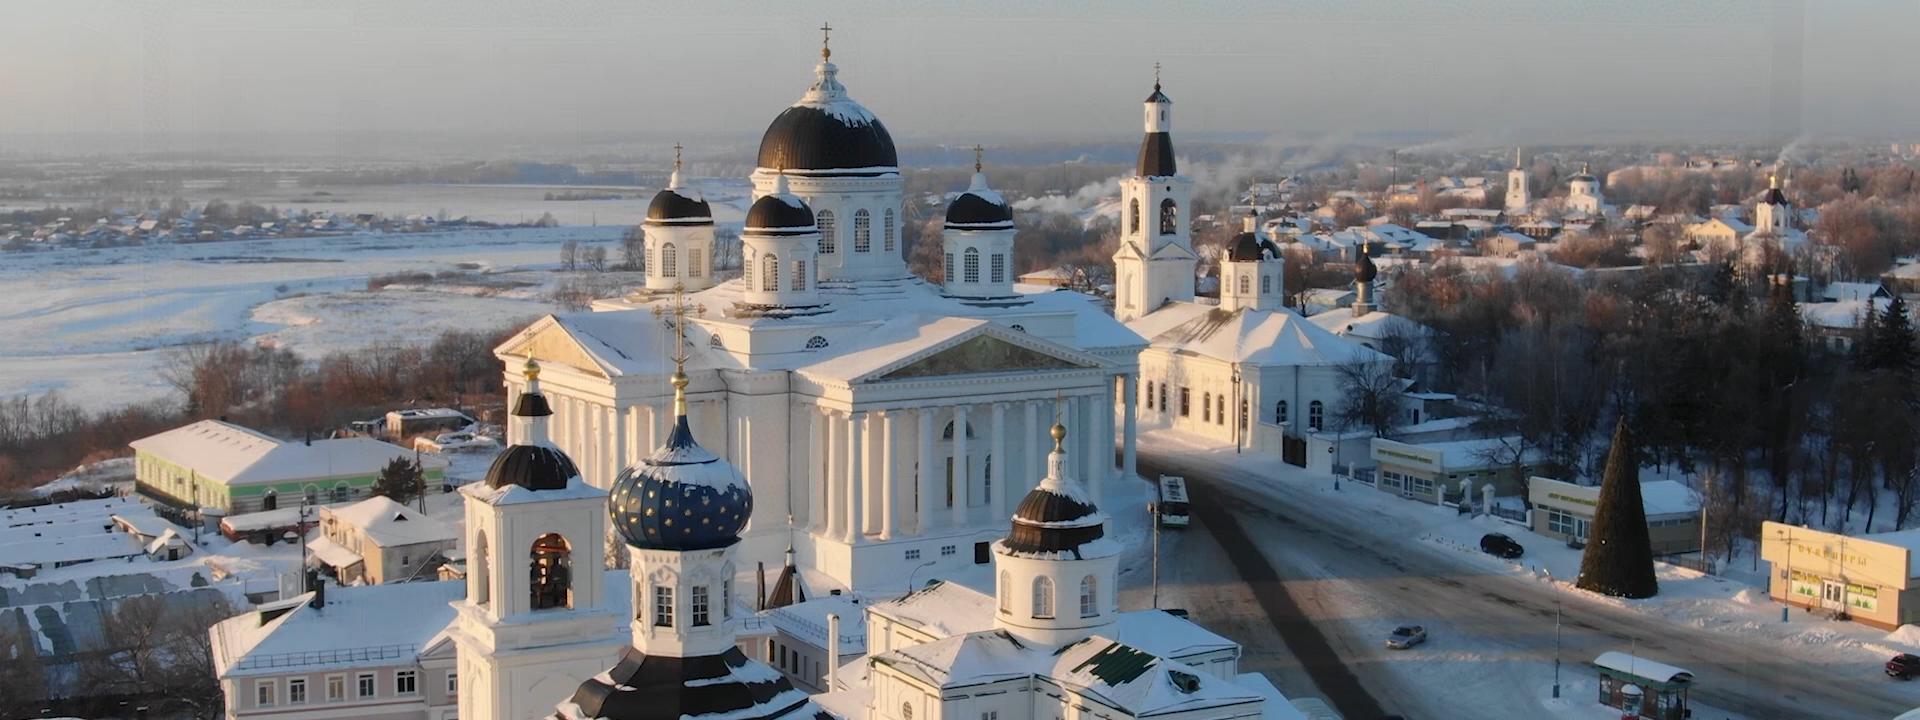 Кафедральный собор в честь Воскресения Христова